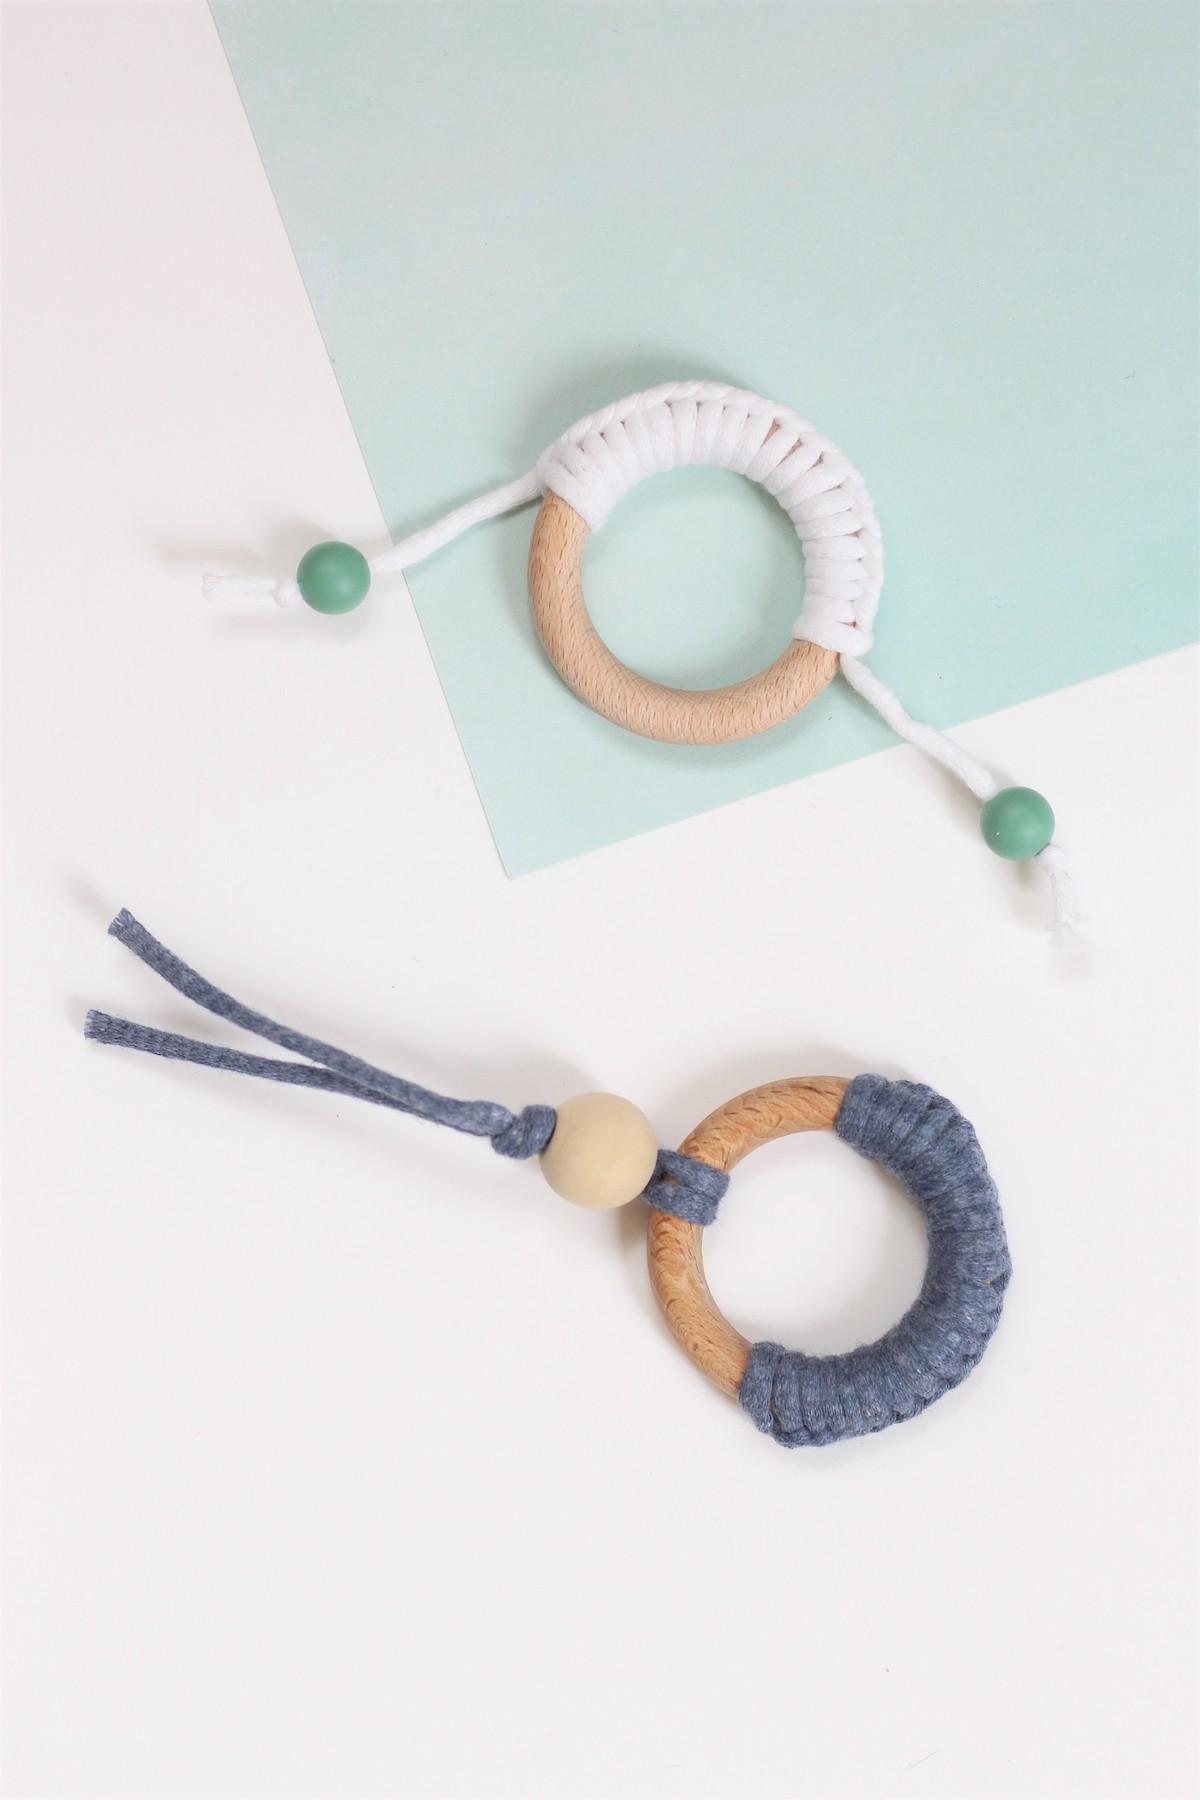 jouet jeu bois bébé déco fabrication artisanale idée tuto traphilo couture gratuit